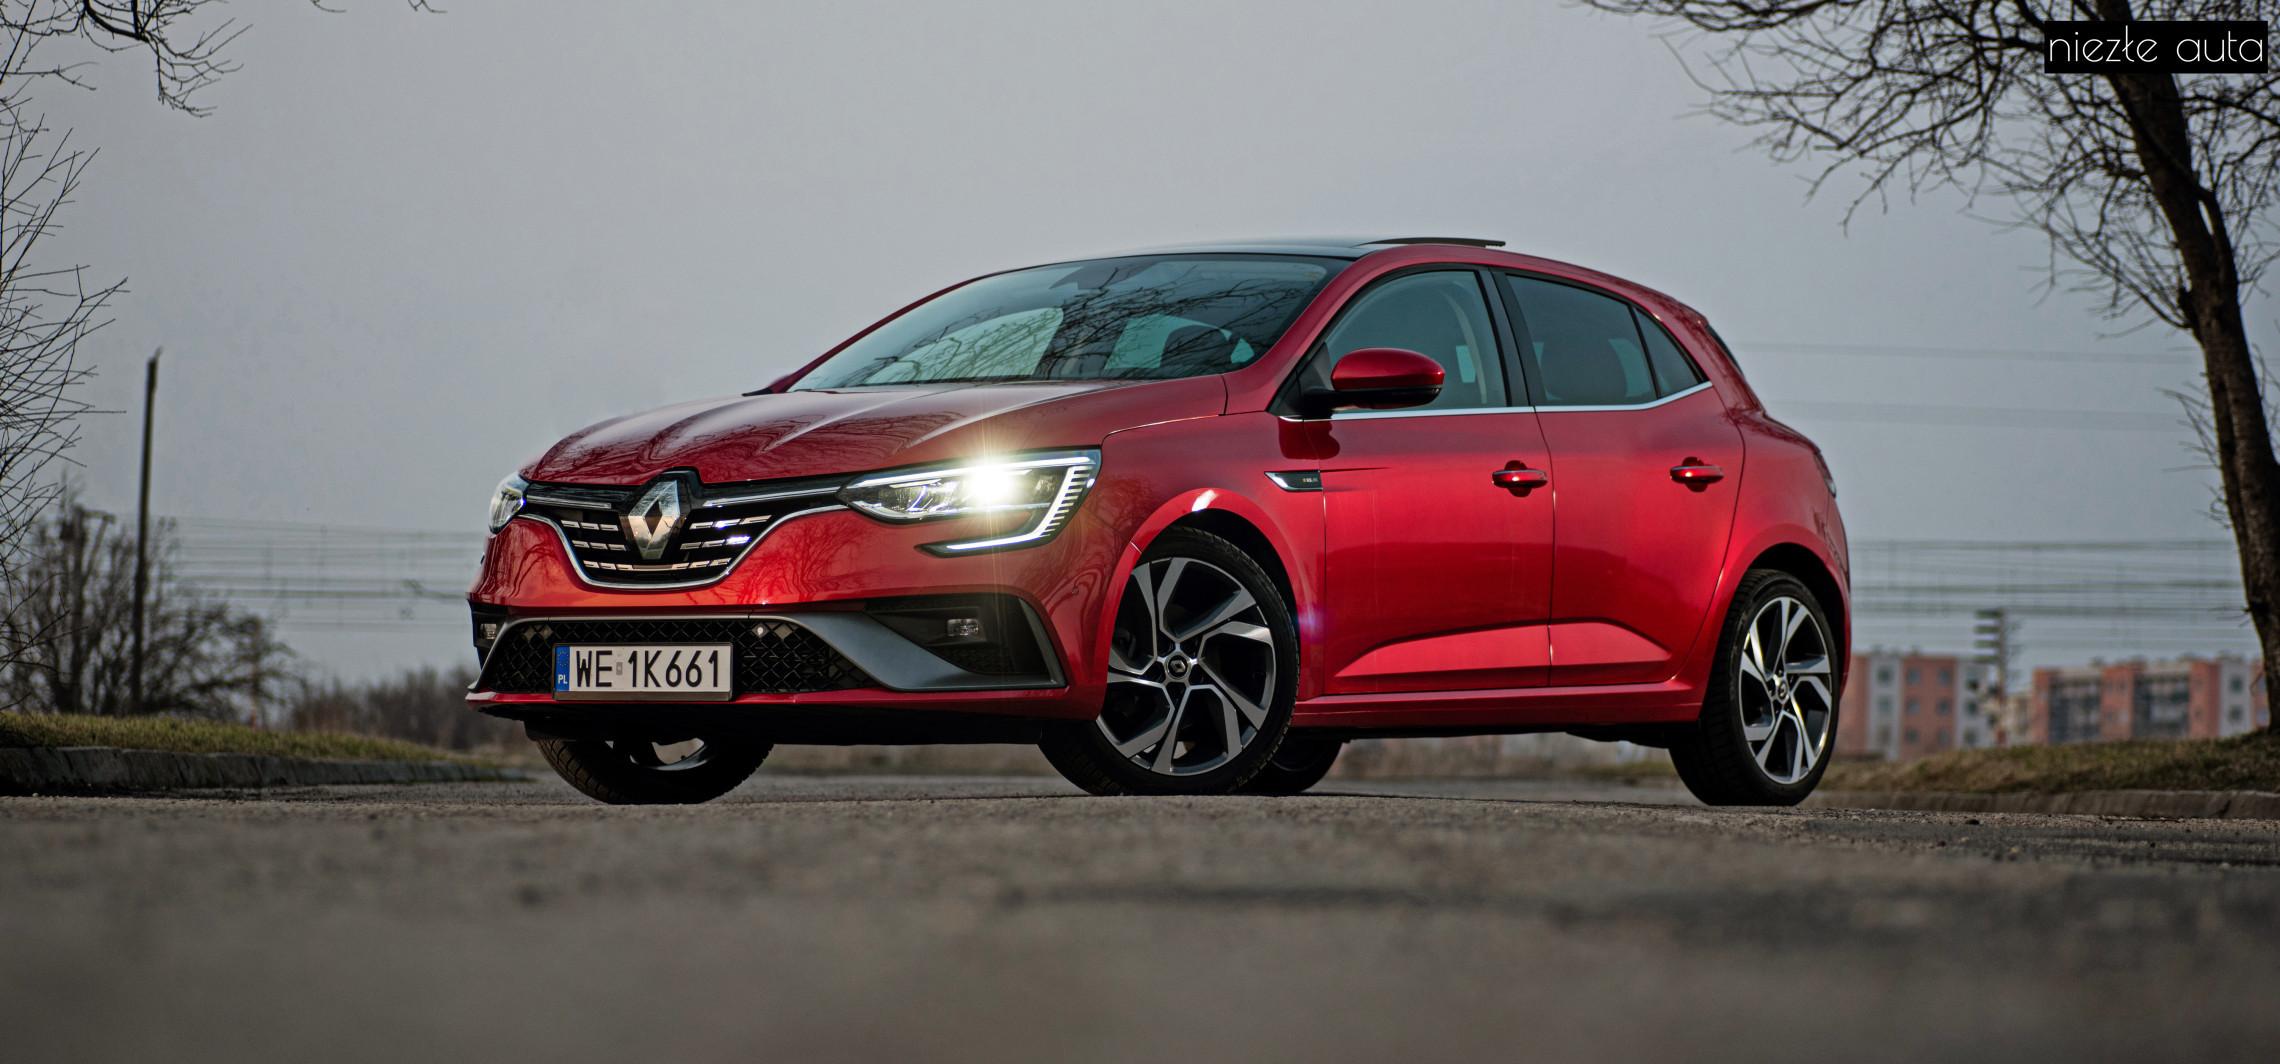 Test: Renault Megane - elegancja z nutką sportu